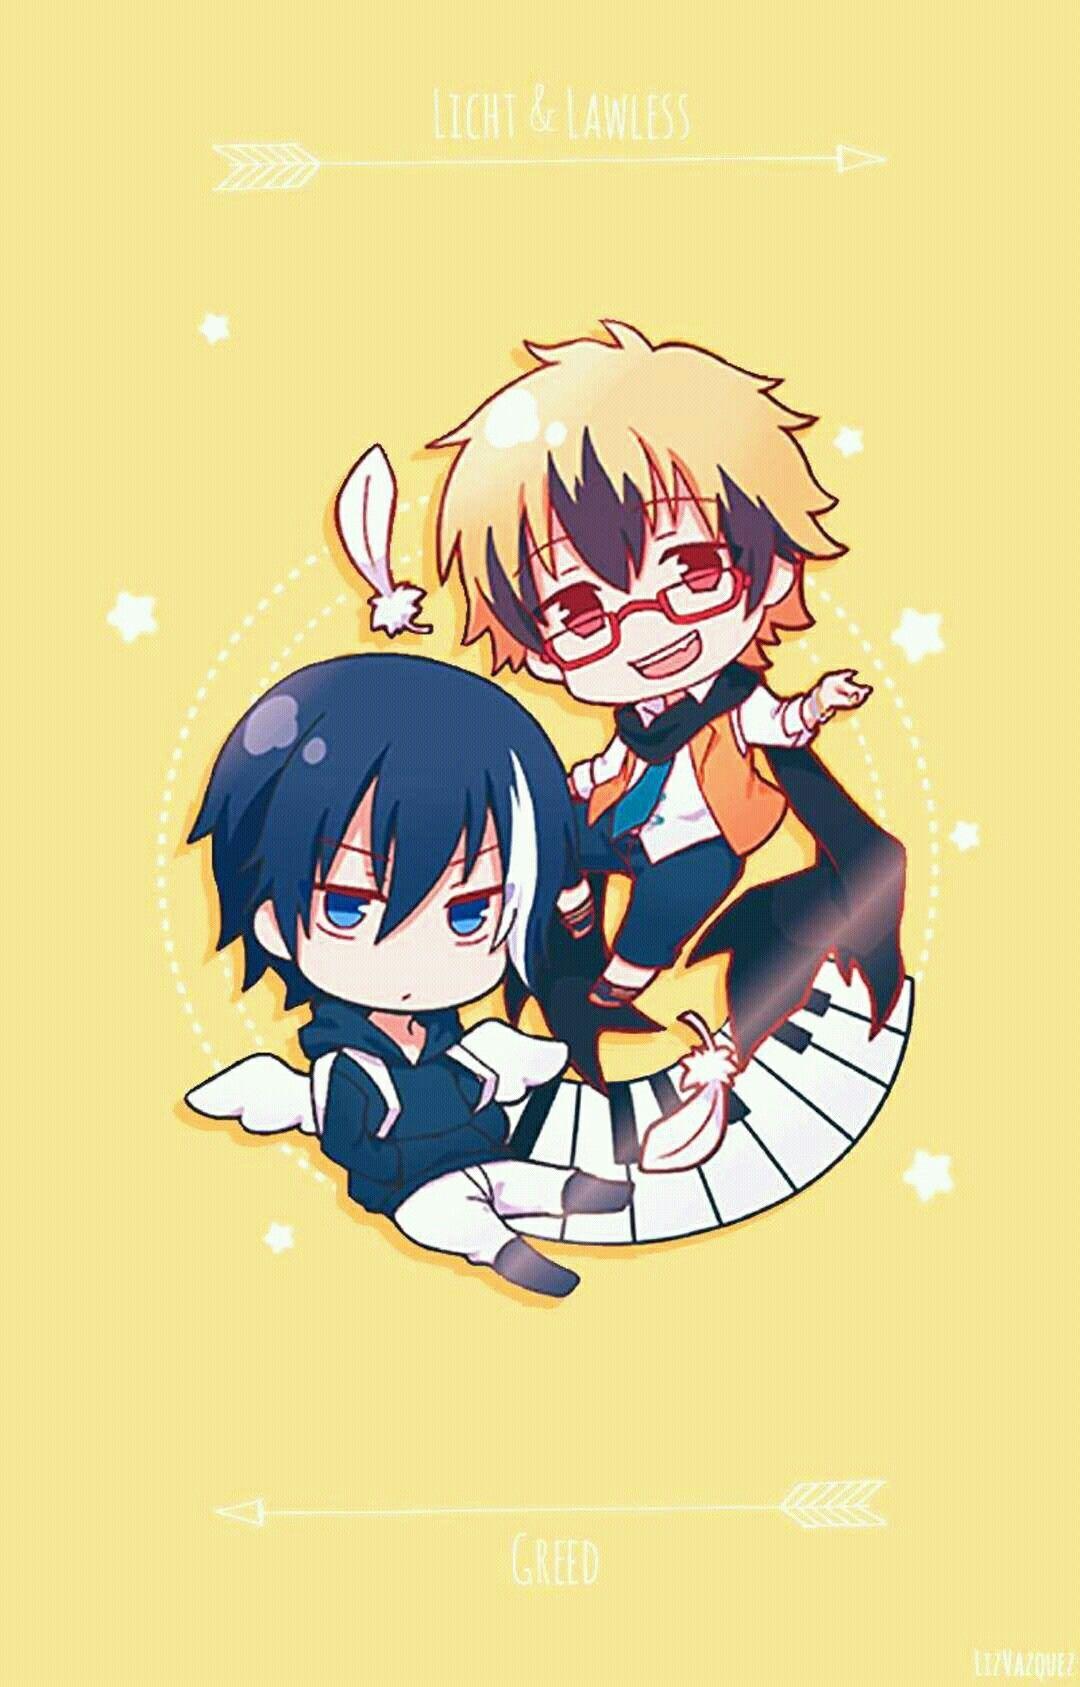 Animes Manga Jogos おしゃれまとめの人気アイデア Pinterest Tien Sama サーヴァンプ イラスト サーヴァンプ ロウレス かわいいイラスト